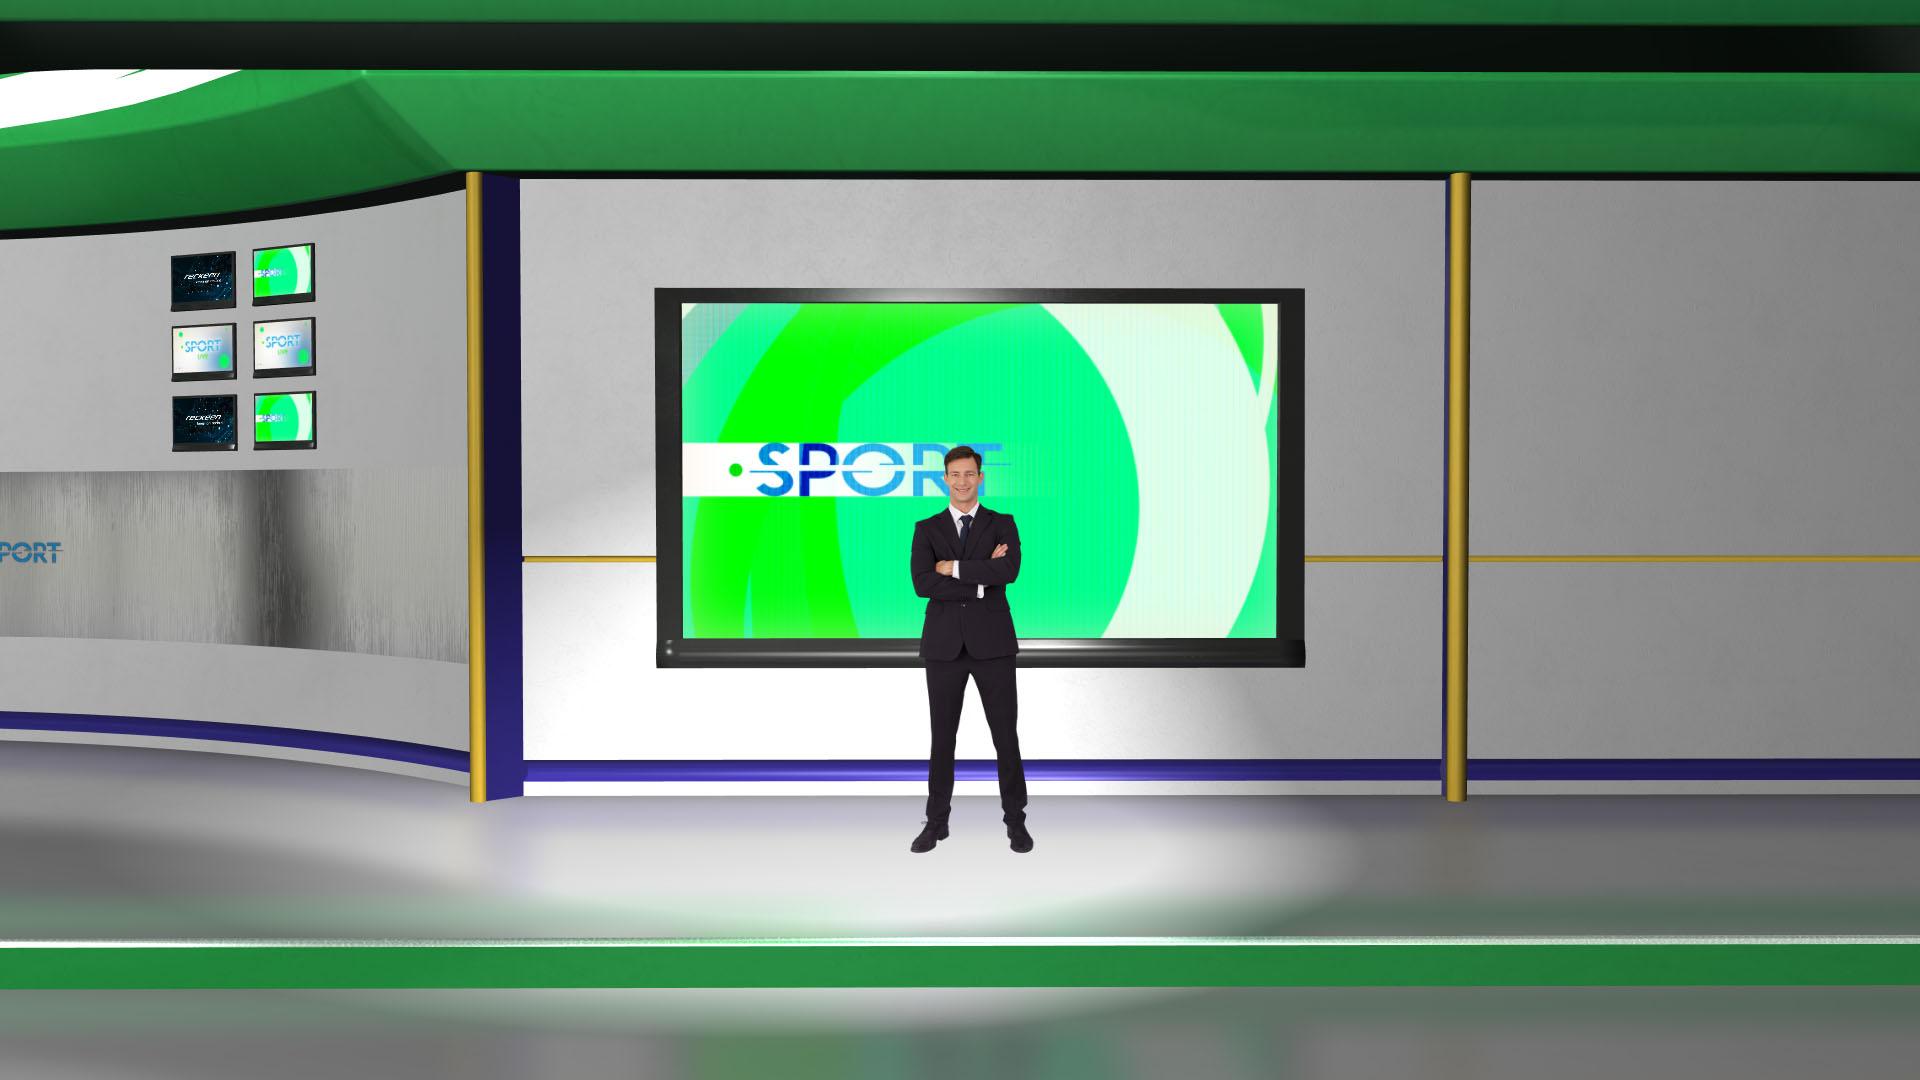 Sport_shot_5